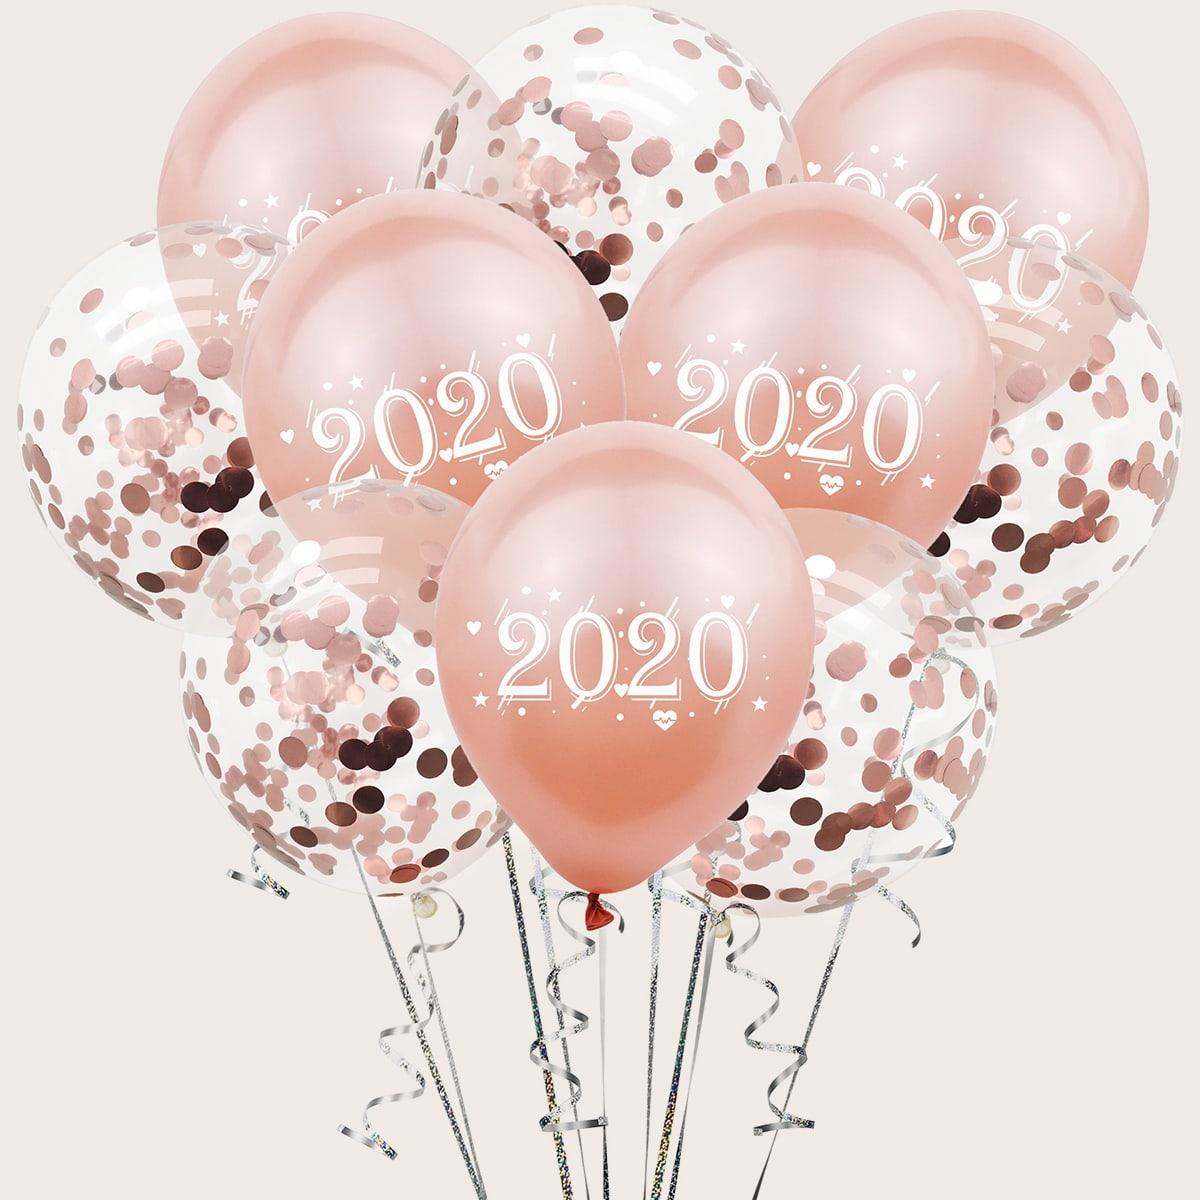 SHEIN / 10 Stück Anzahl & Konfetti Ballon Set